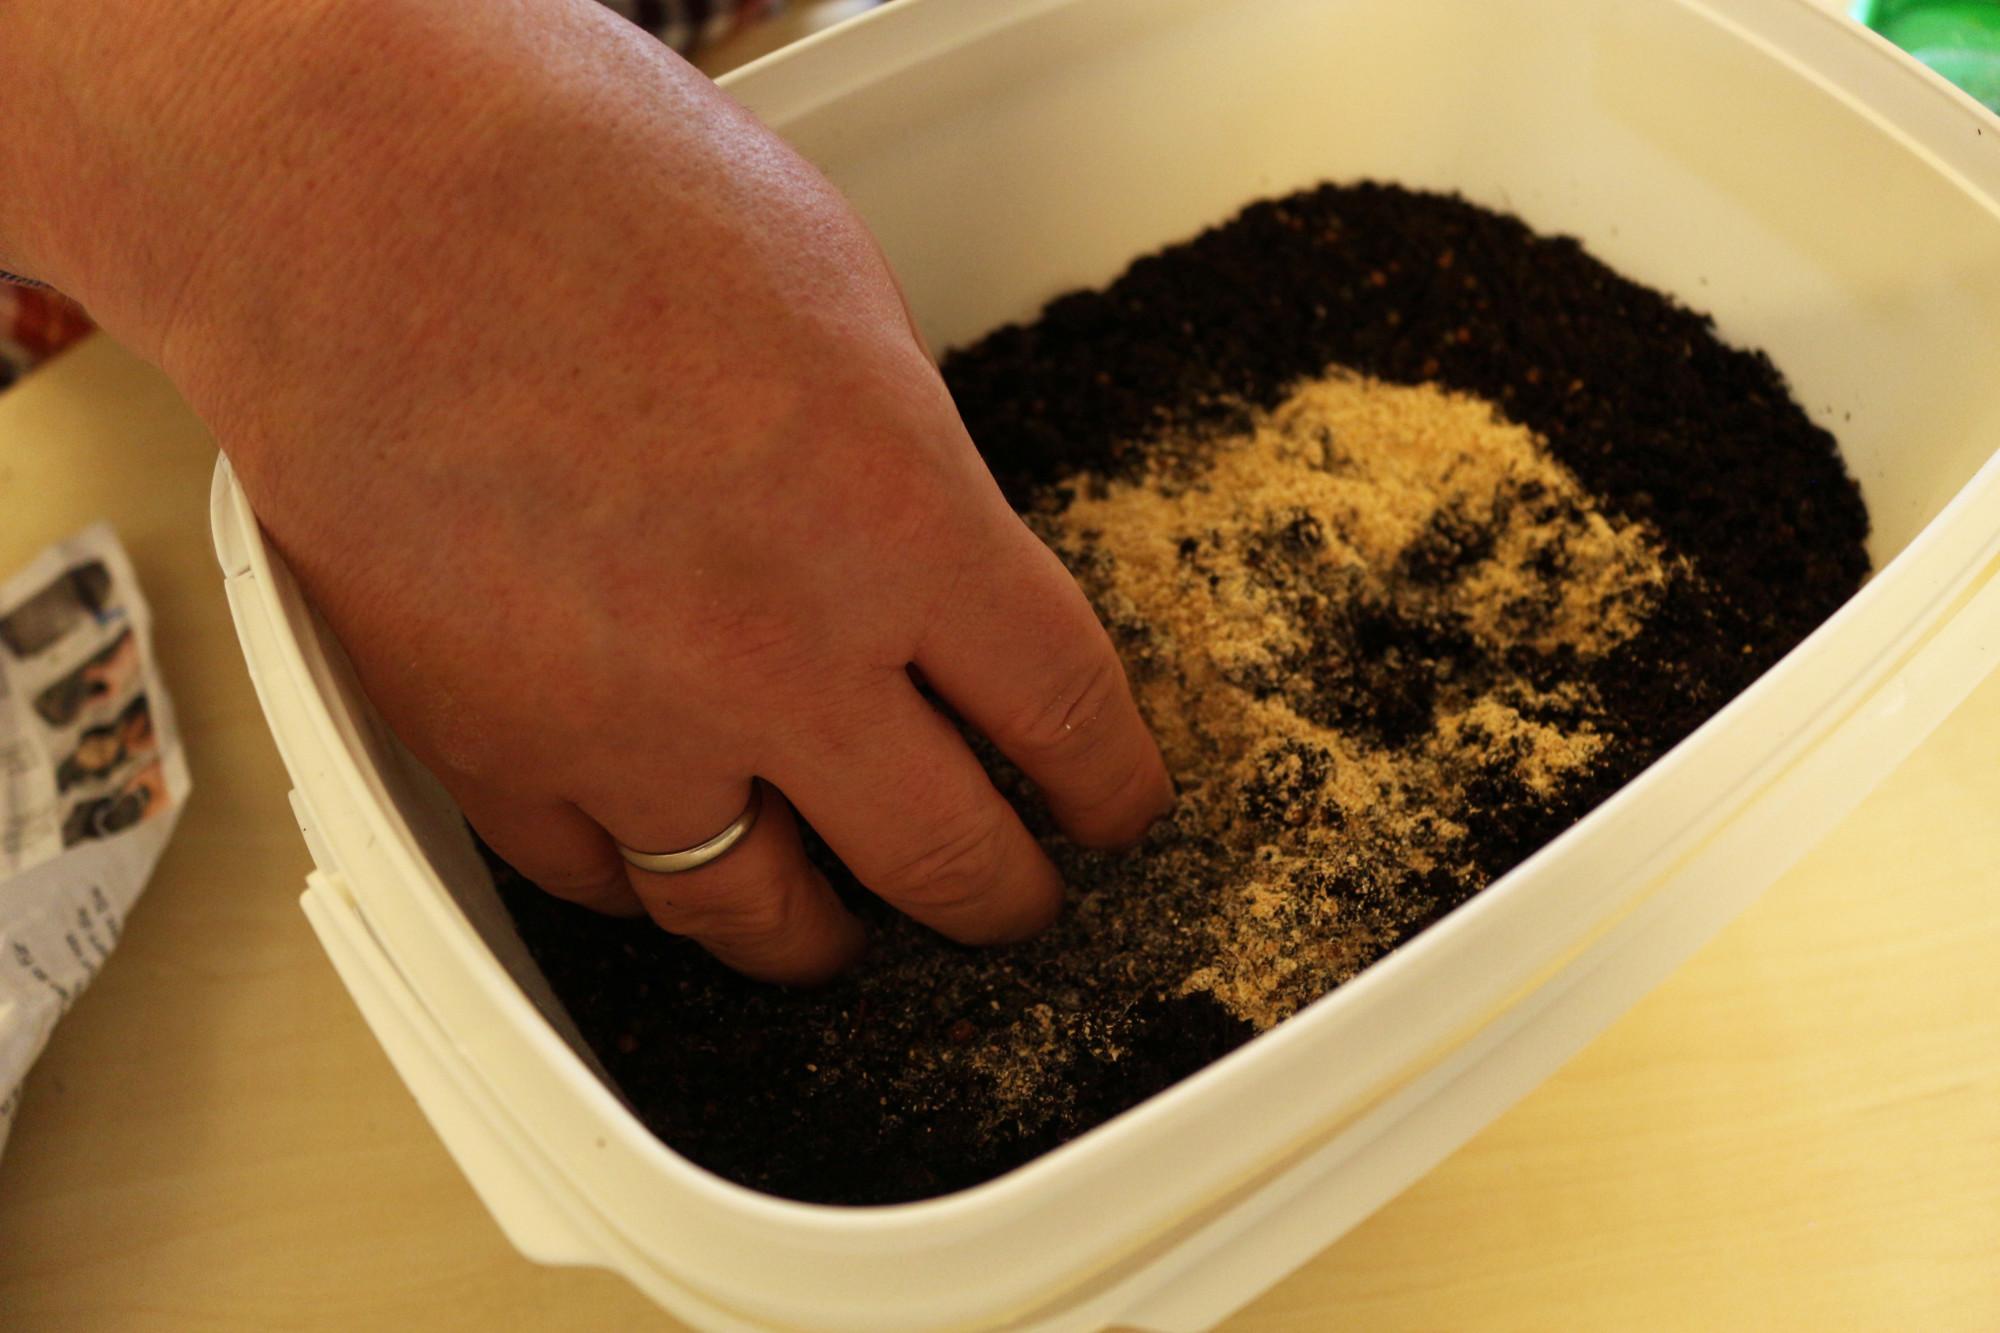 Nun folgt ein wenig Wurmfutter, das in die Erde eingearbeitet wird. Foto: F. Pippardt